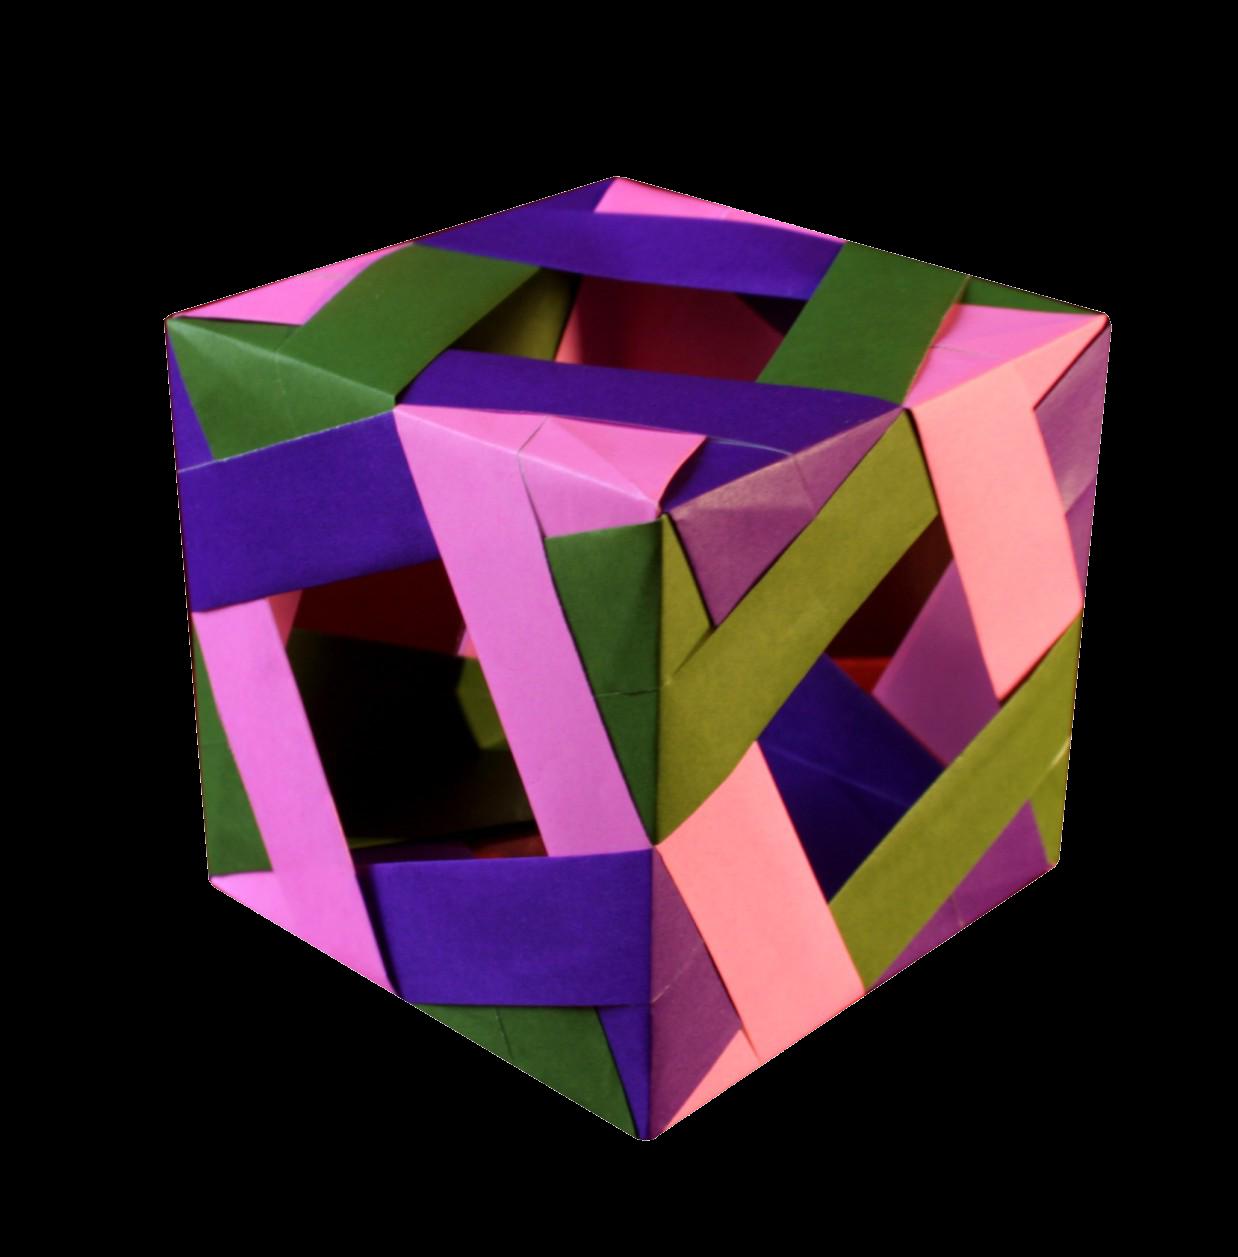 cube with square windows r gurkewitz b arnstein